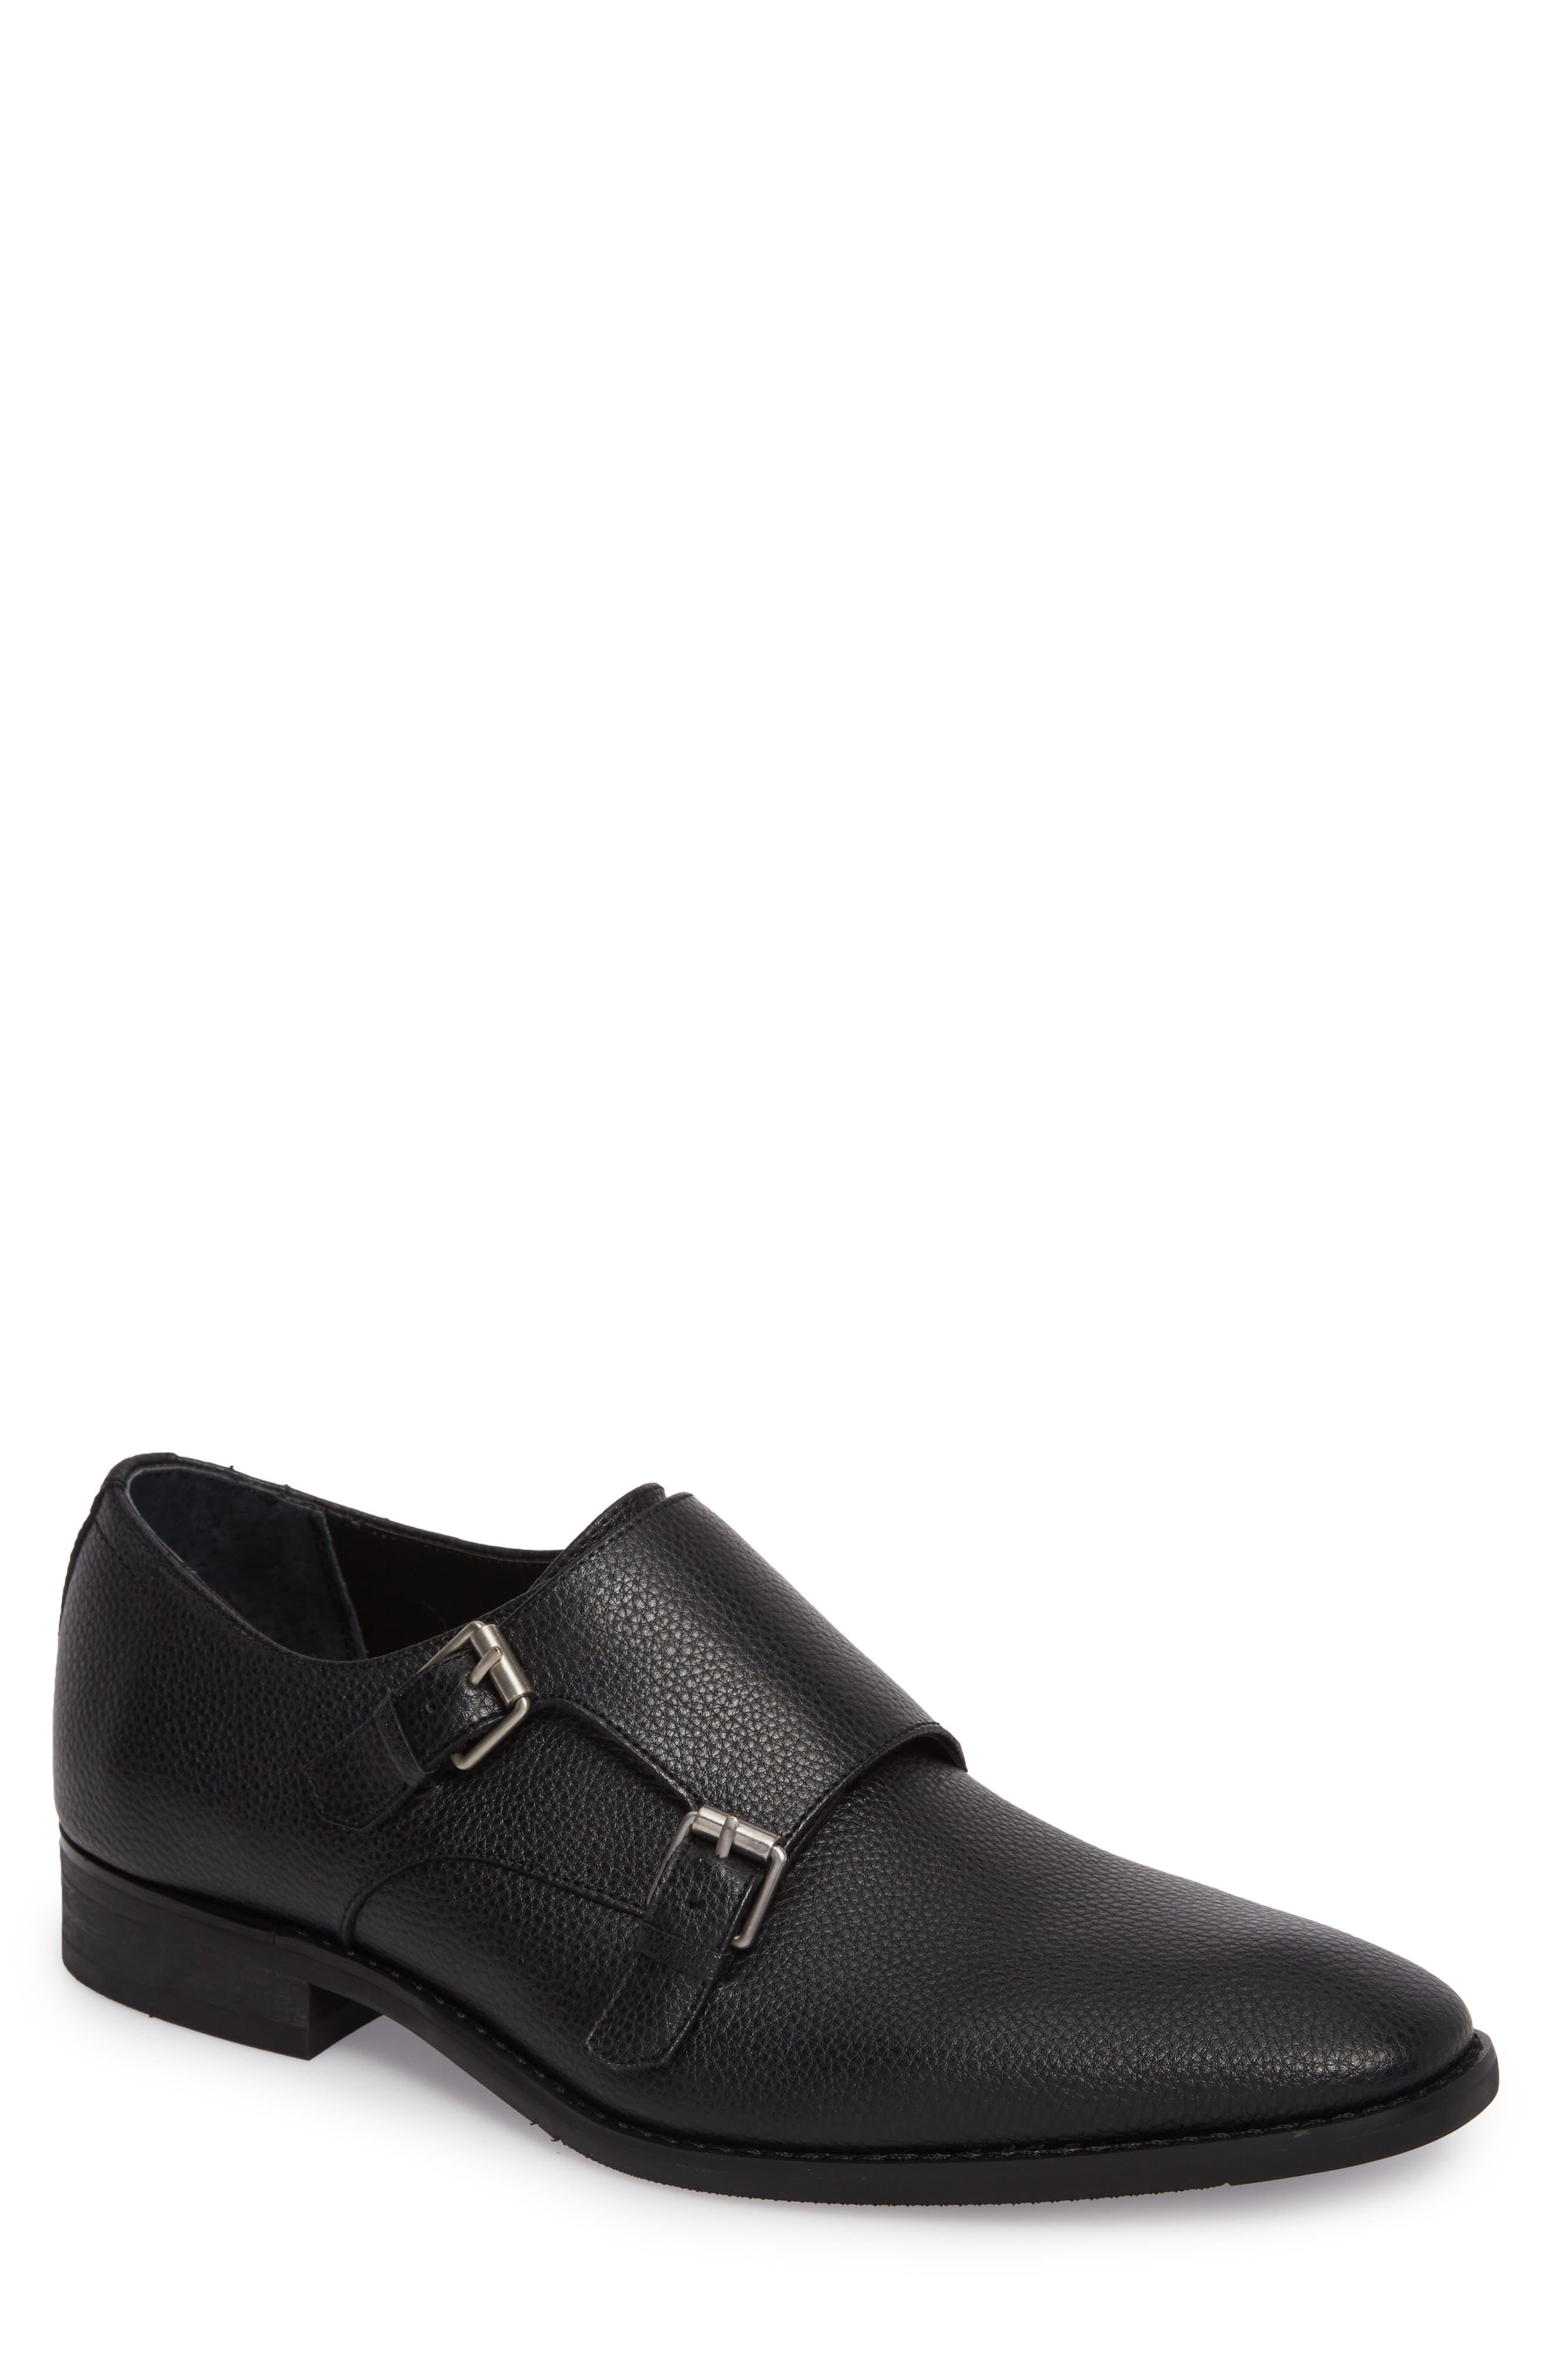 Robbie Double Monk Strap Shoe, Main, color, BLACK LEATHER